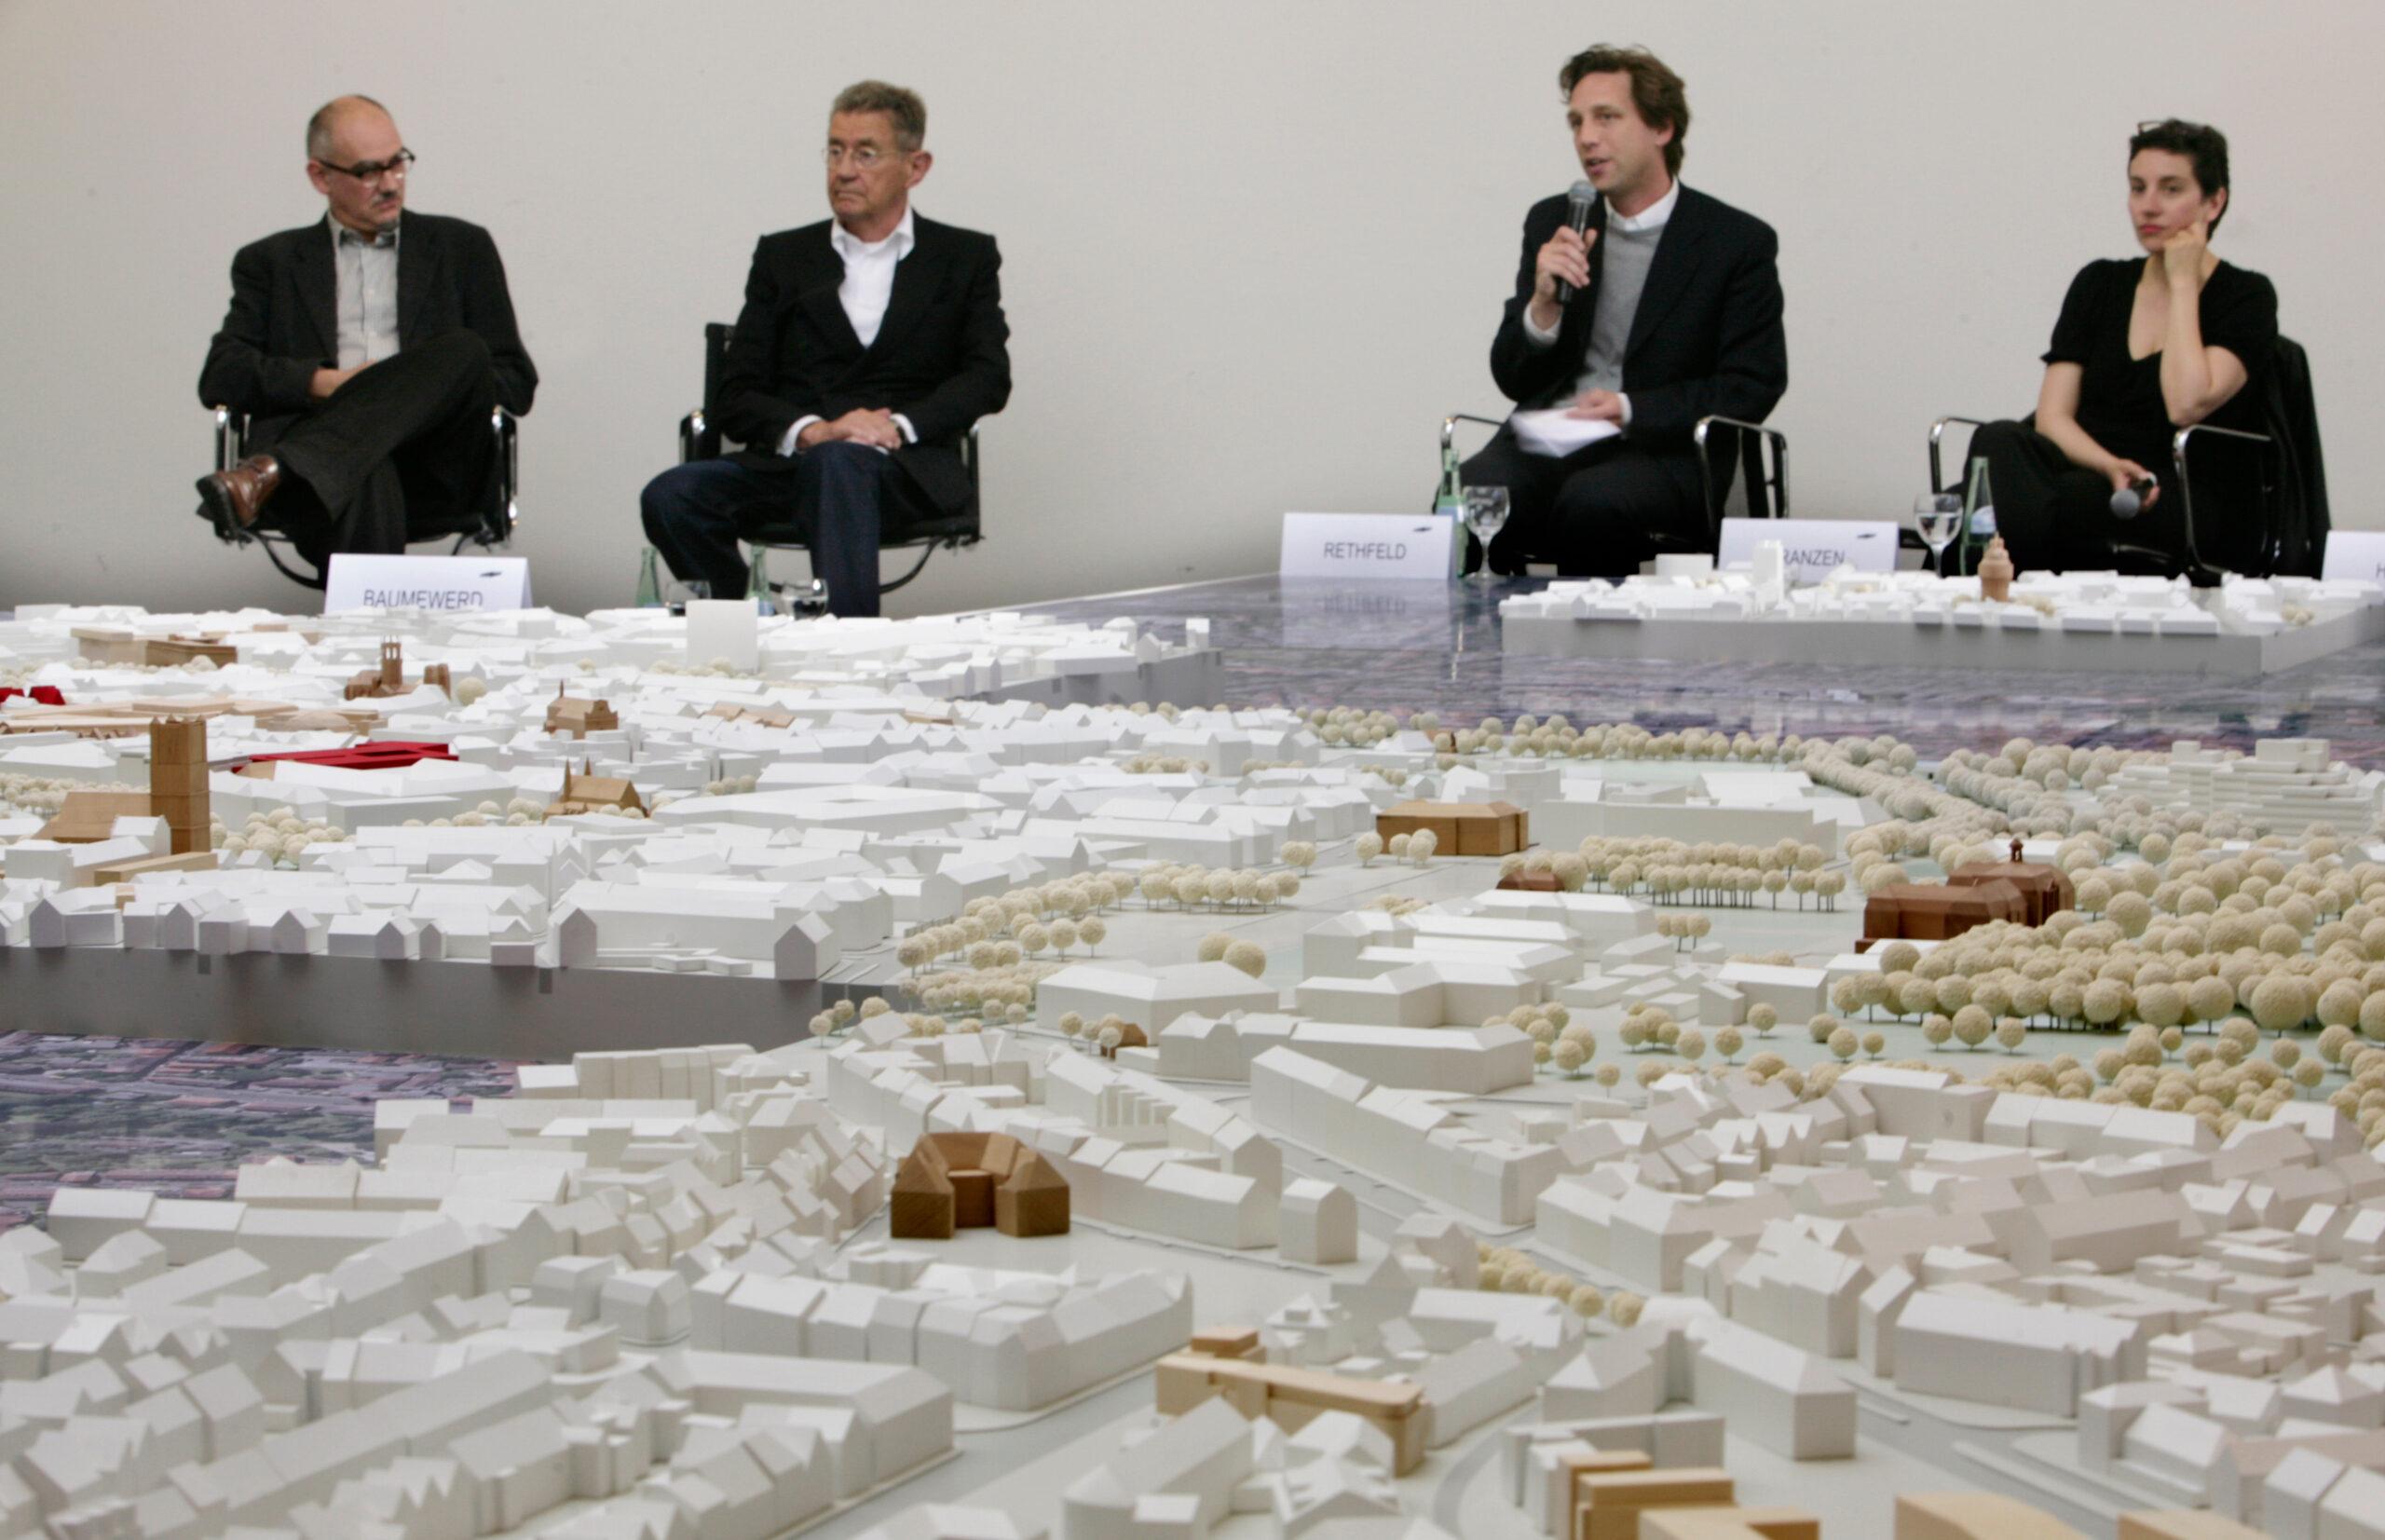 Münster Modell: Ortstermin 5 - Podiumdiskussion um den Hindenburgplatz (2008) - Peter Wilson, Dieter G. Baumewerd, Stefan Rethfeld, Brigitte Franzen - Foto: MünsterView/Tronquet